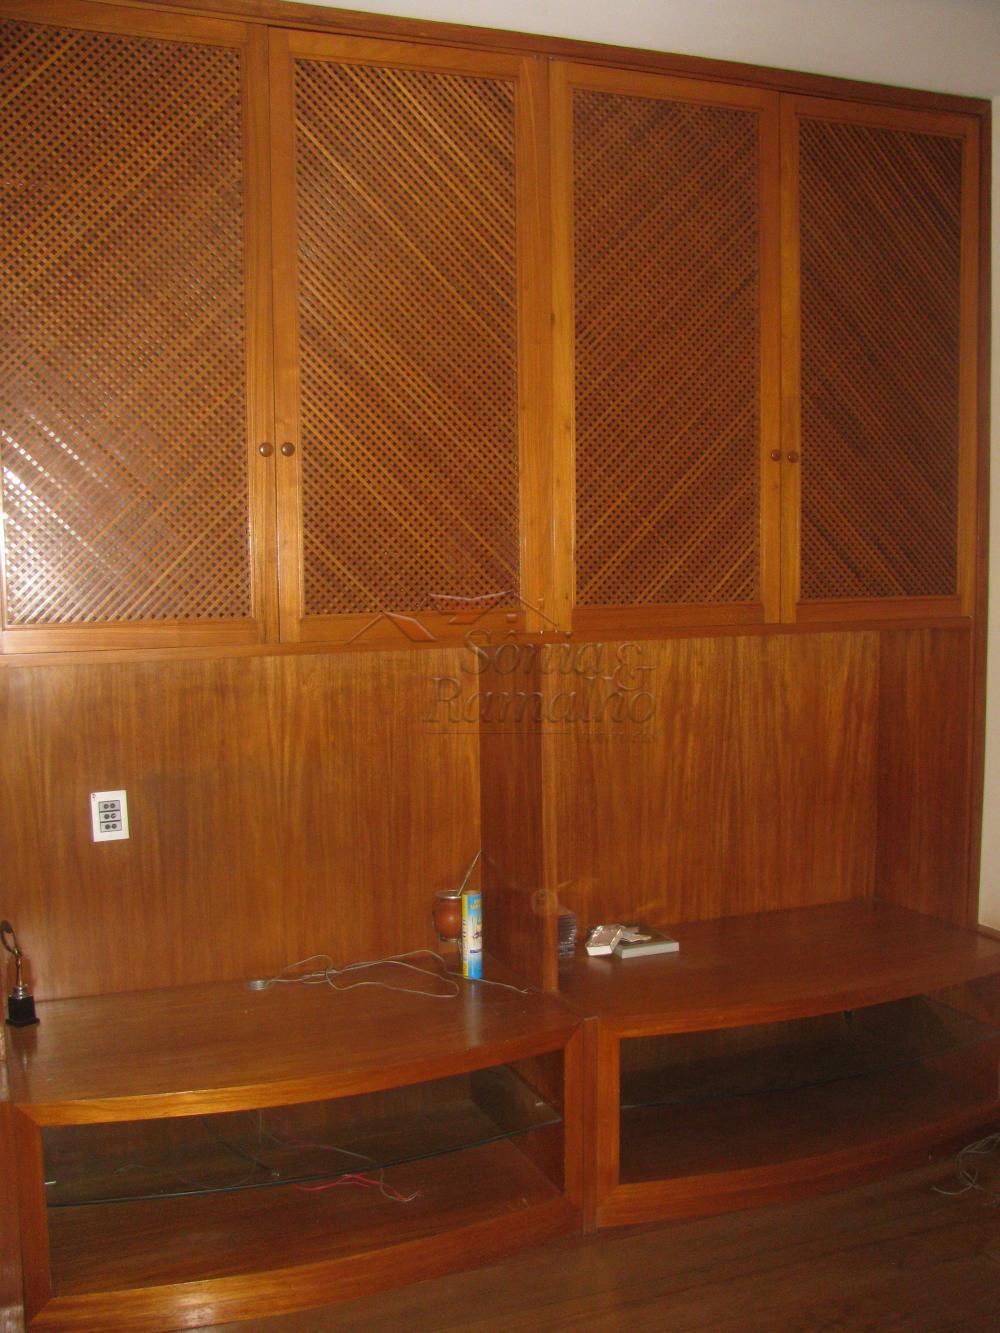 Alugar Casas / Padrão em Ribeirão Preto apenas R$ 8.000,00 - Foto 6